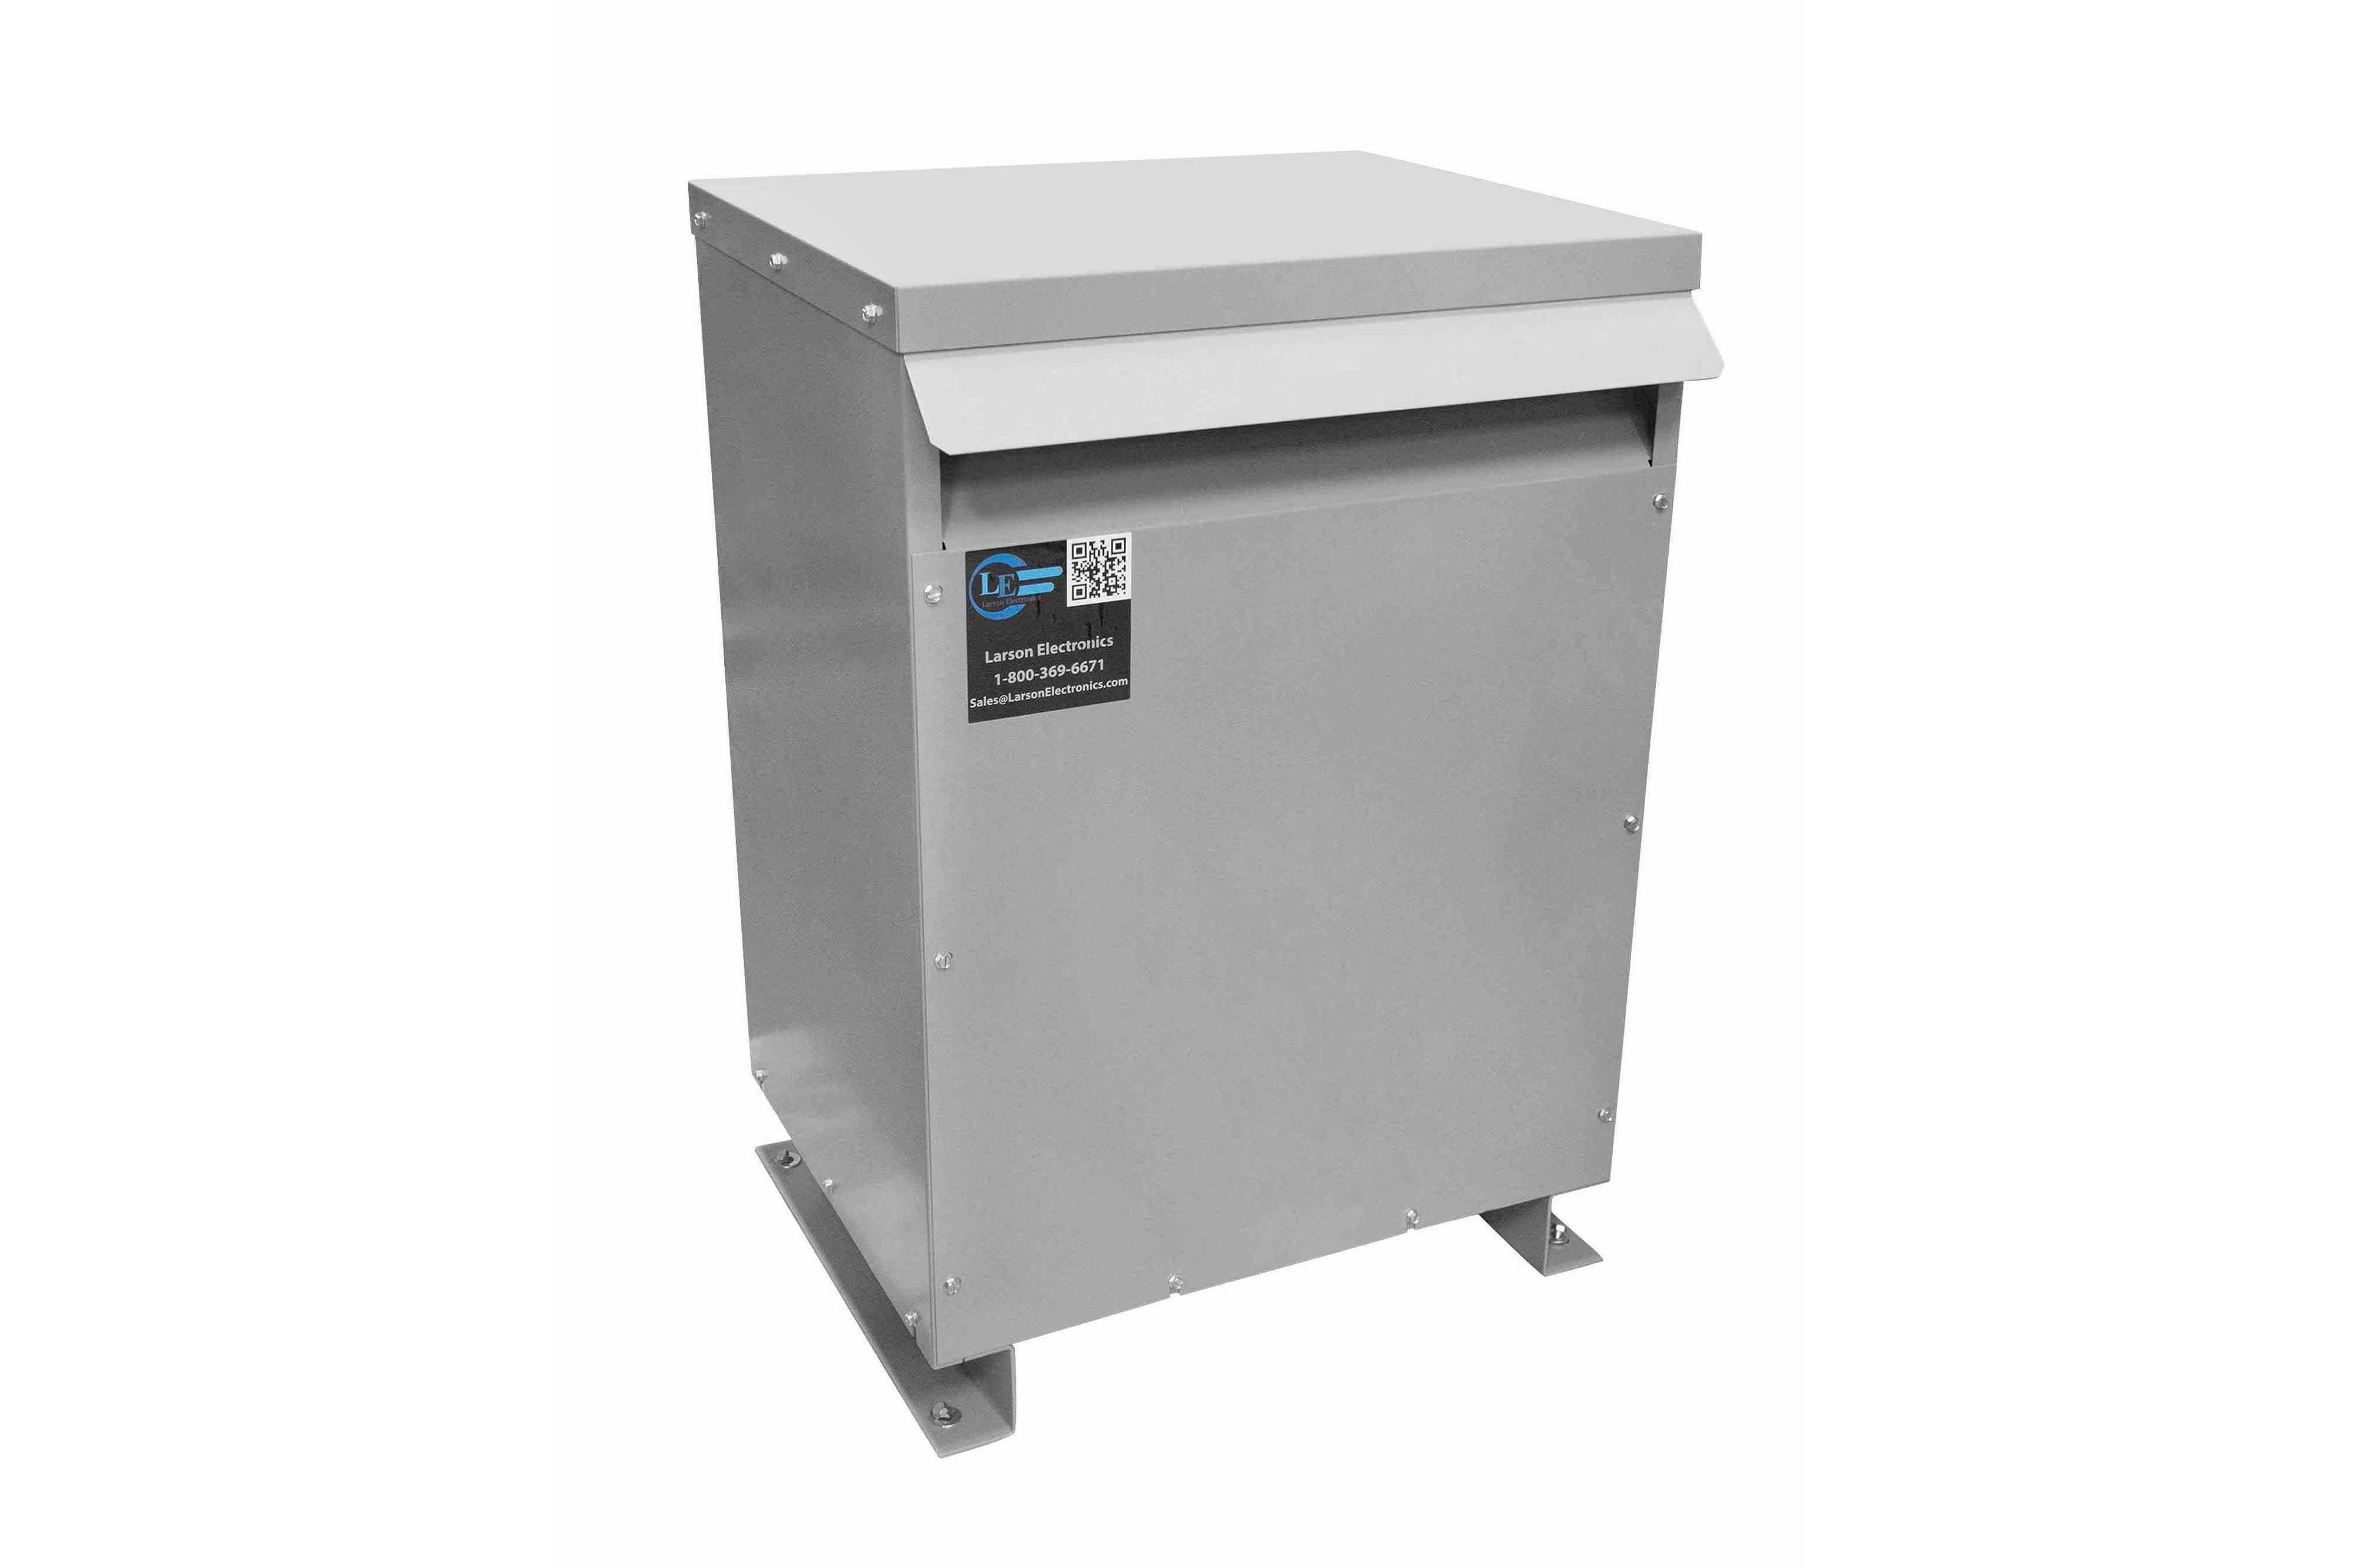 36 kVA 3PH Isolation Transformer, 480V Delta Primary, 480V Delta Secondary, N3R, Ventilated, 60 Hz